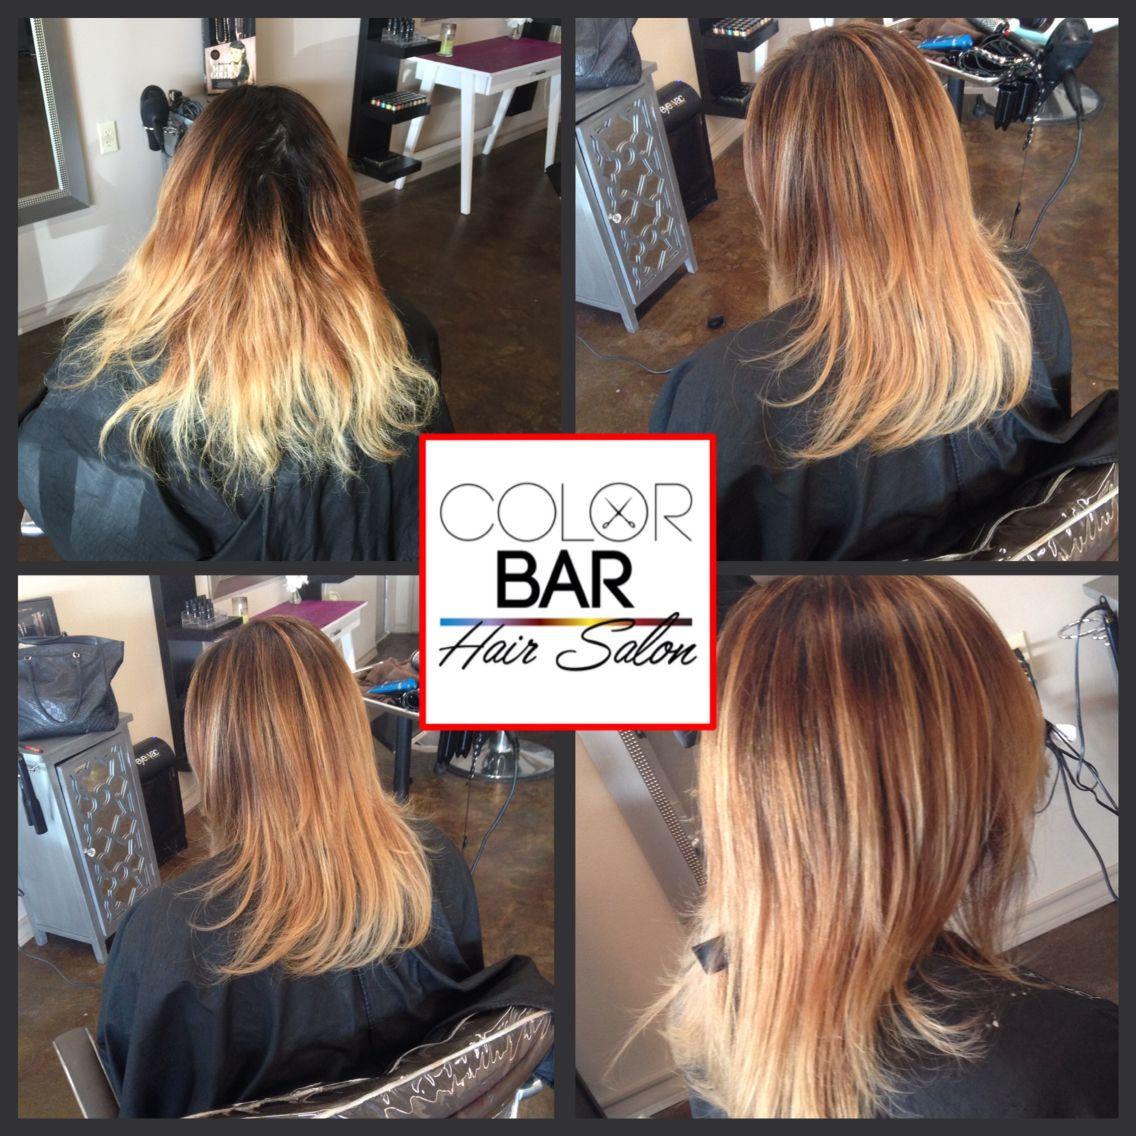 Balayage I Did On My Guest Corpus Christi Texas Balayage Color Hair Salon Balayage